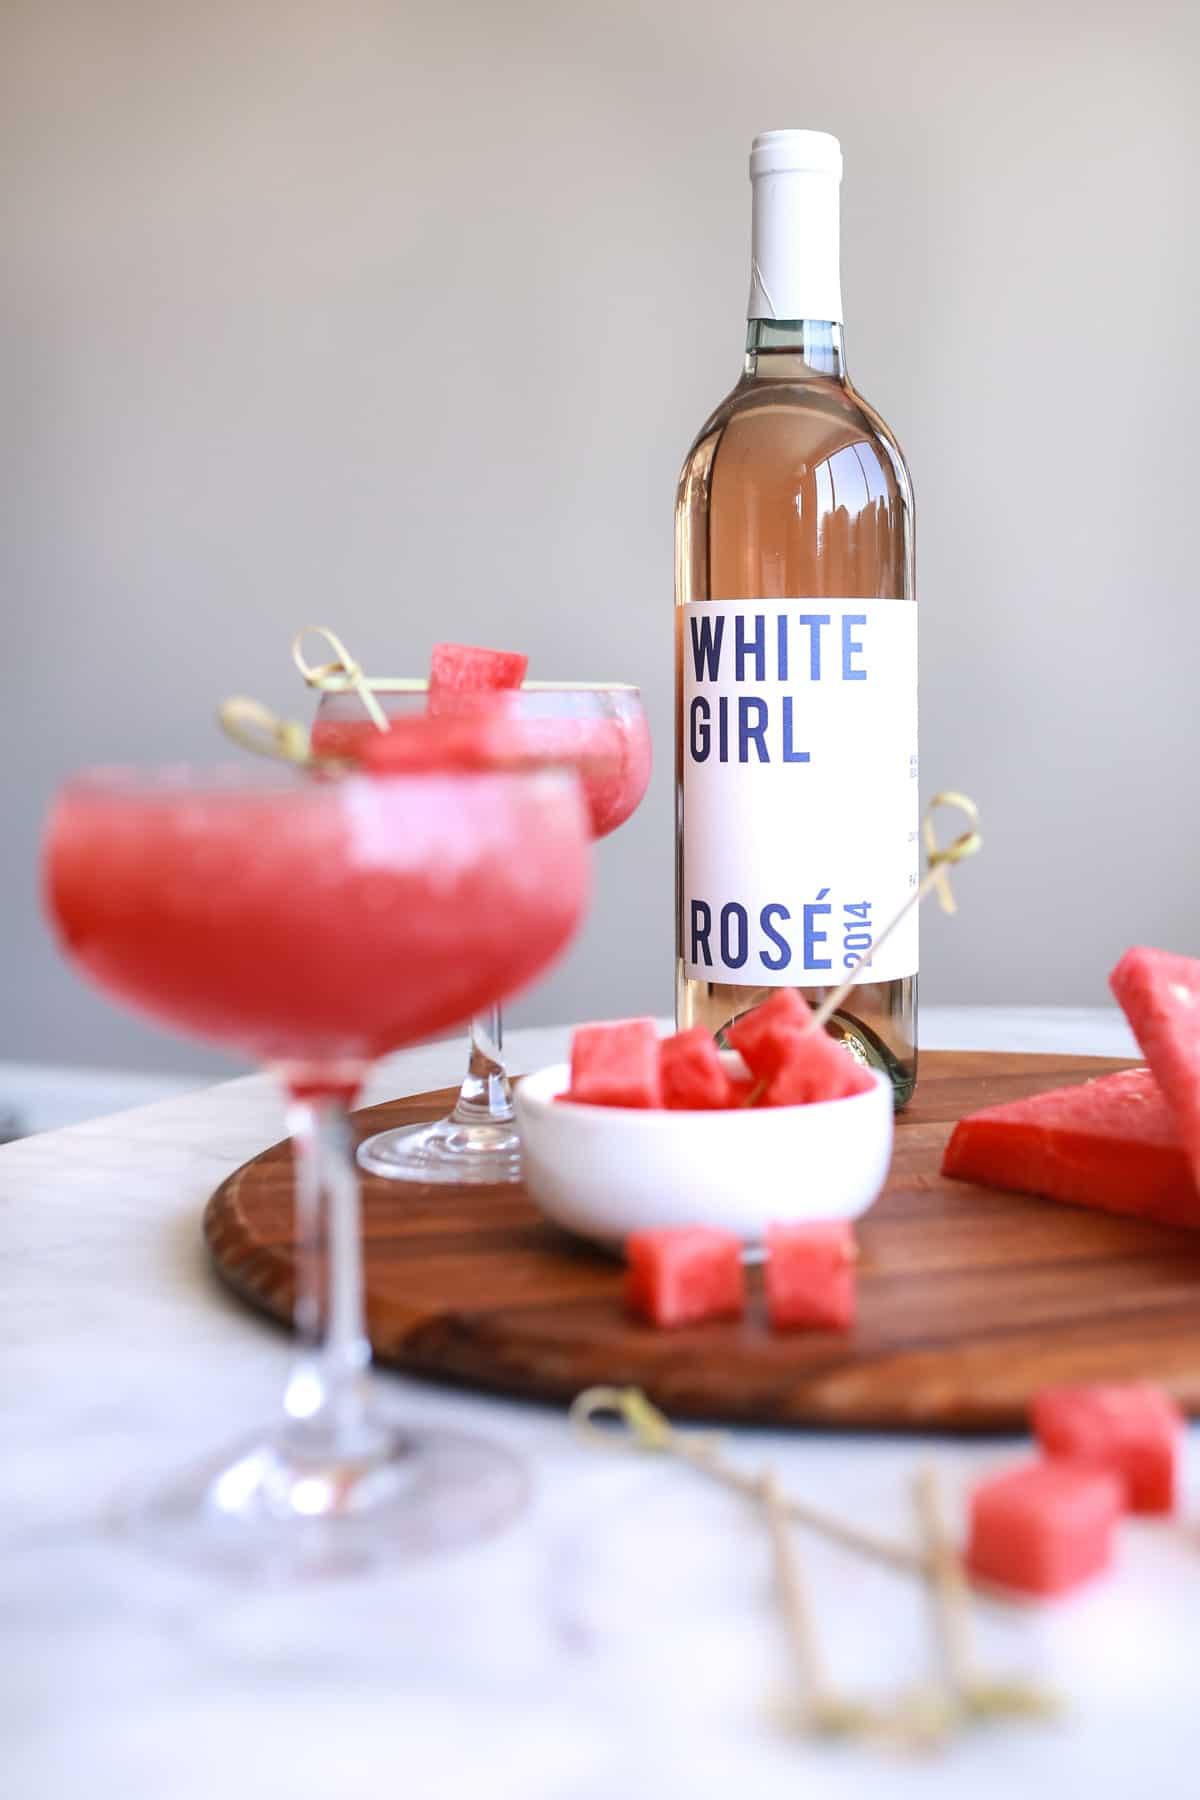 white girl rose wine, rose wine, rose slushies, how to make rose slushies - My Style Vita @mystylevita (5 of 6)